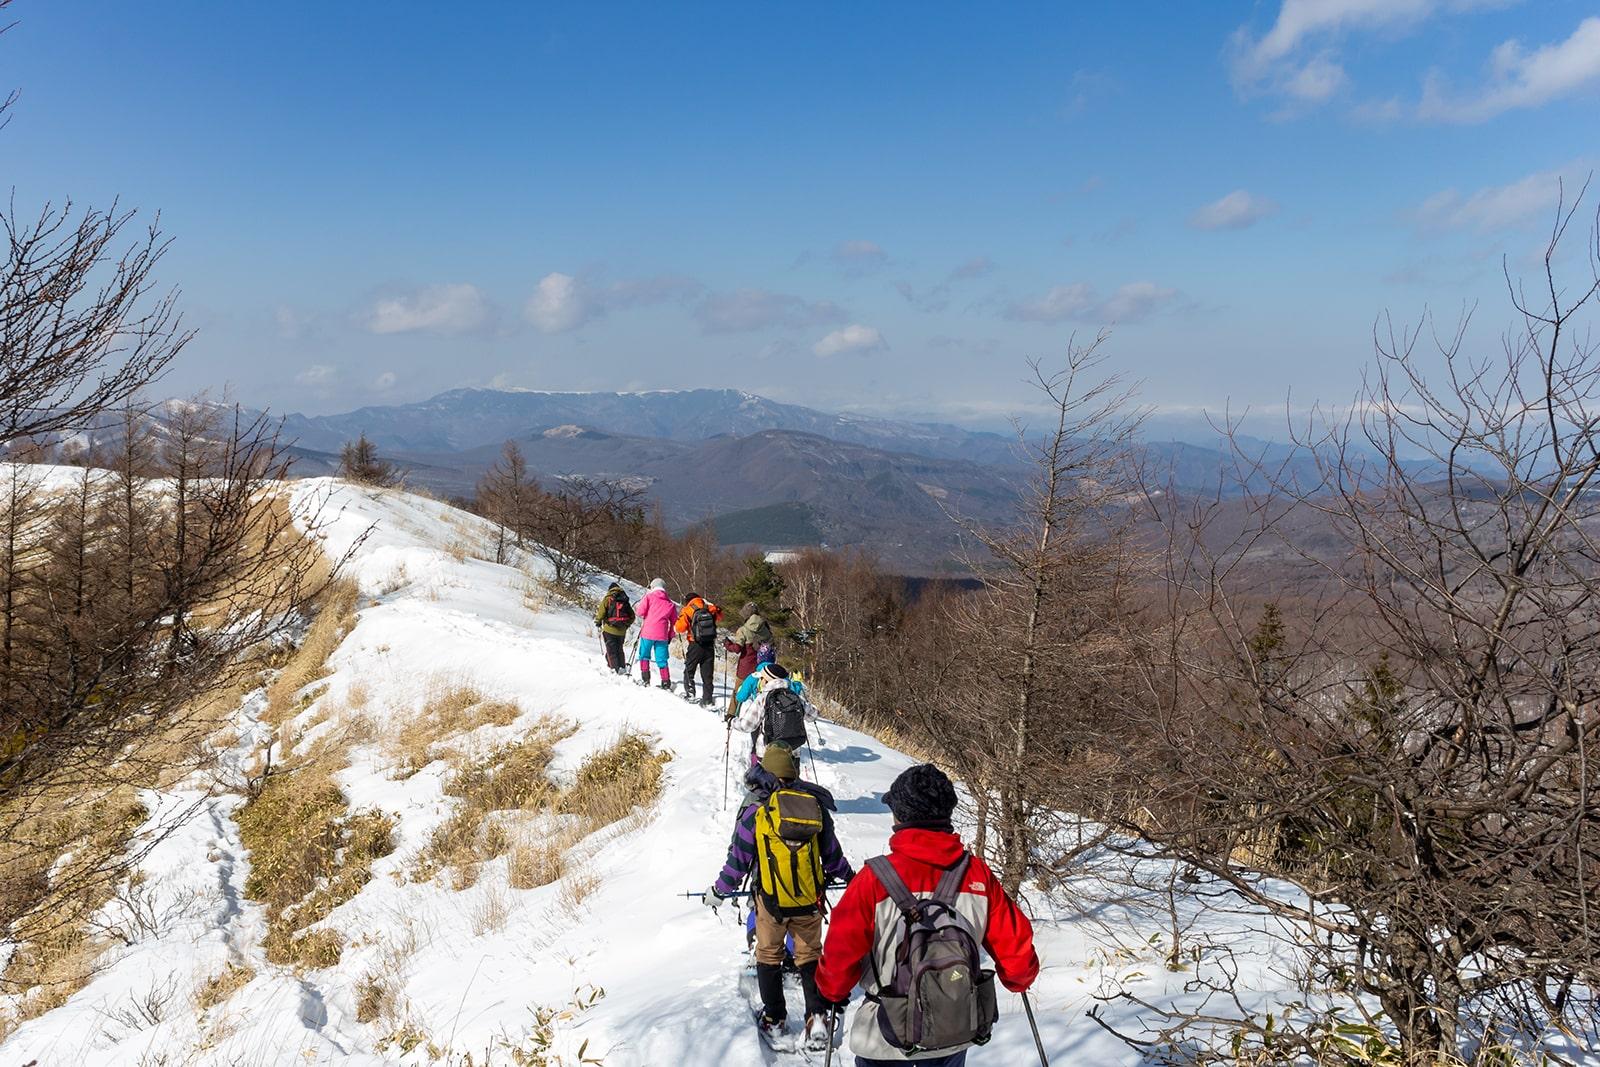 冬の絶景を堪能するコース:八子ヶ峰スノーハイク